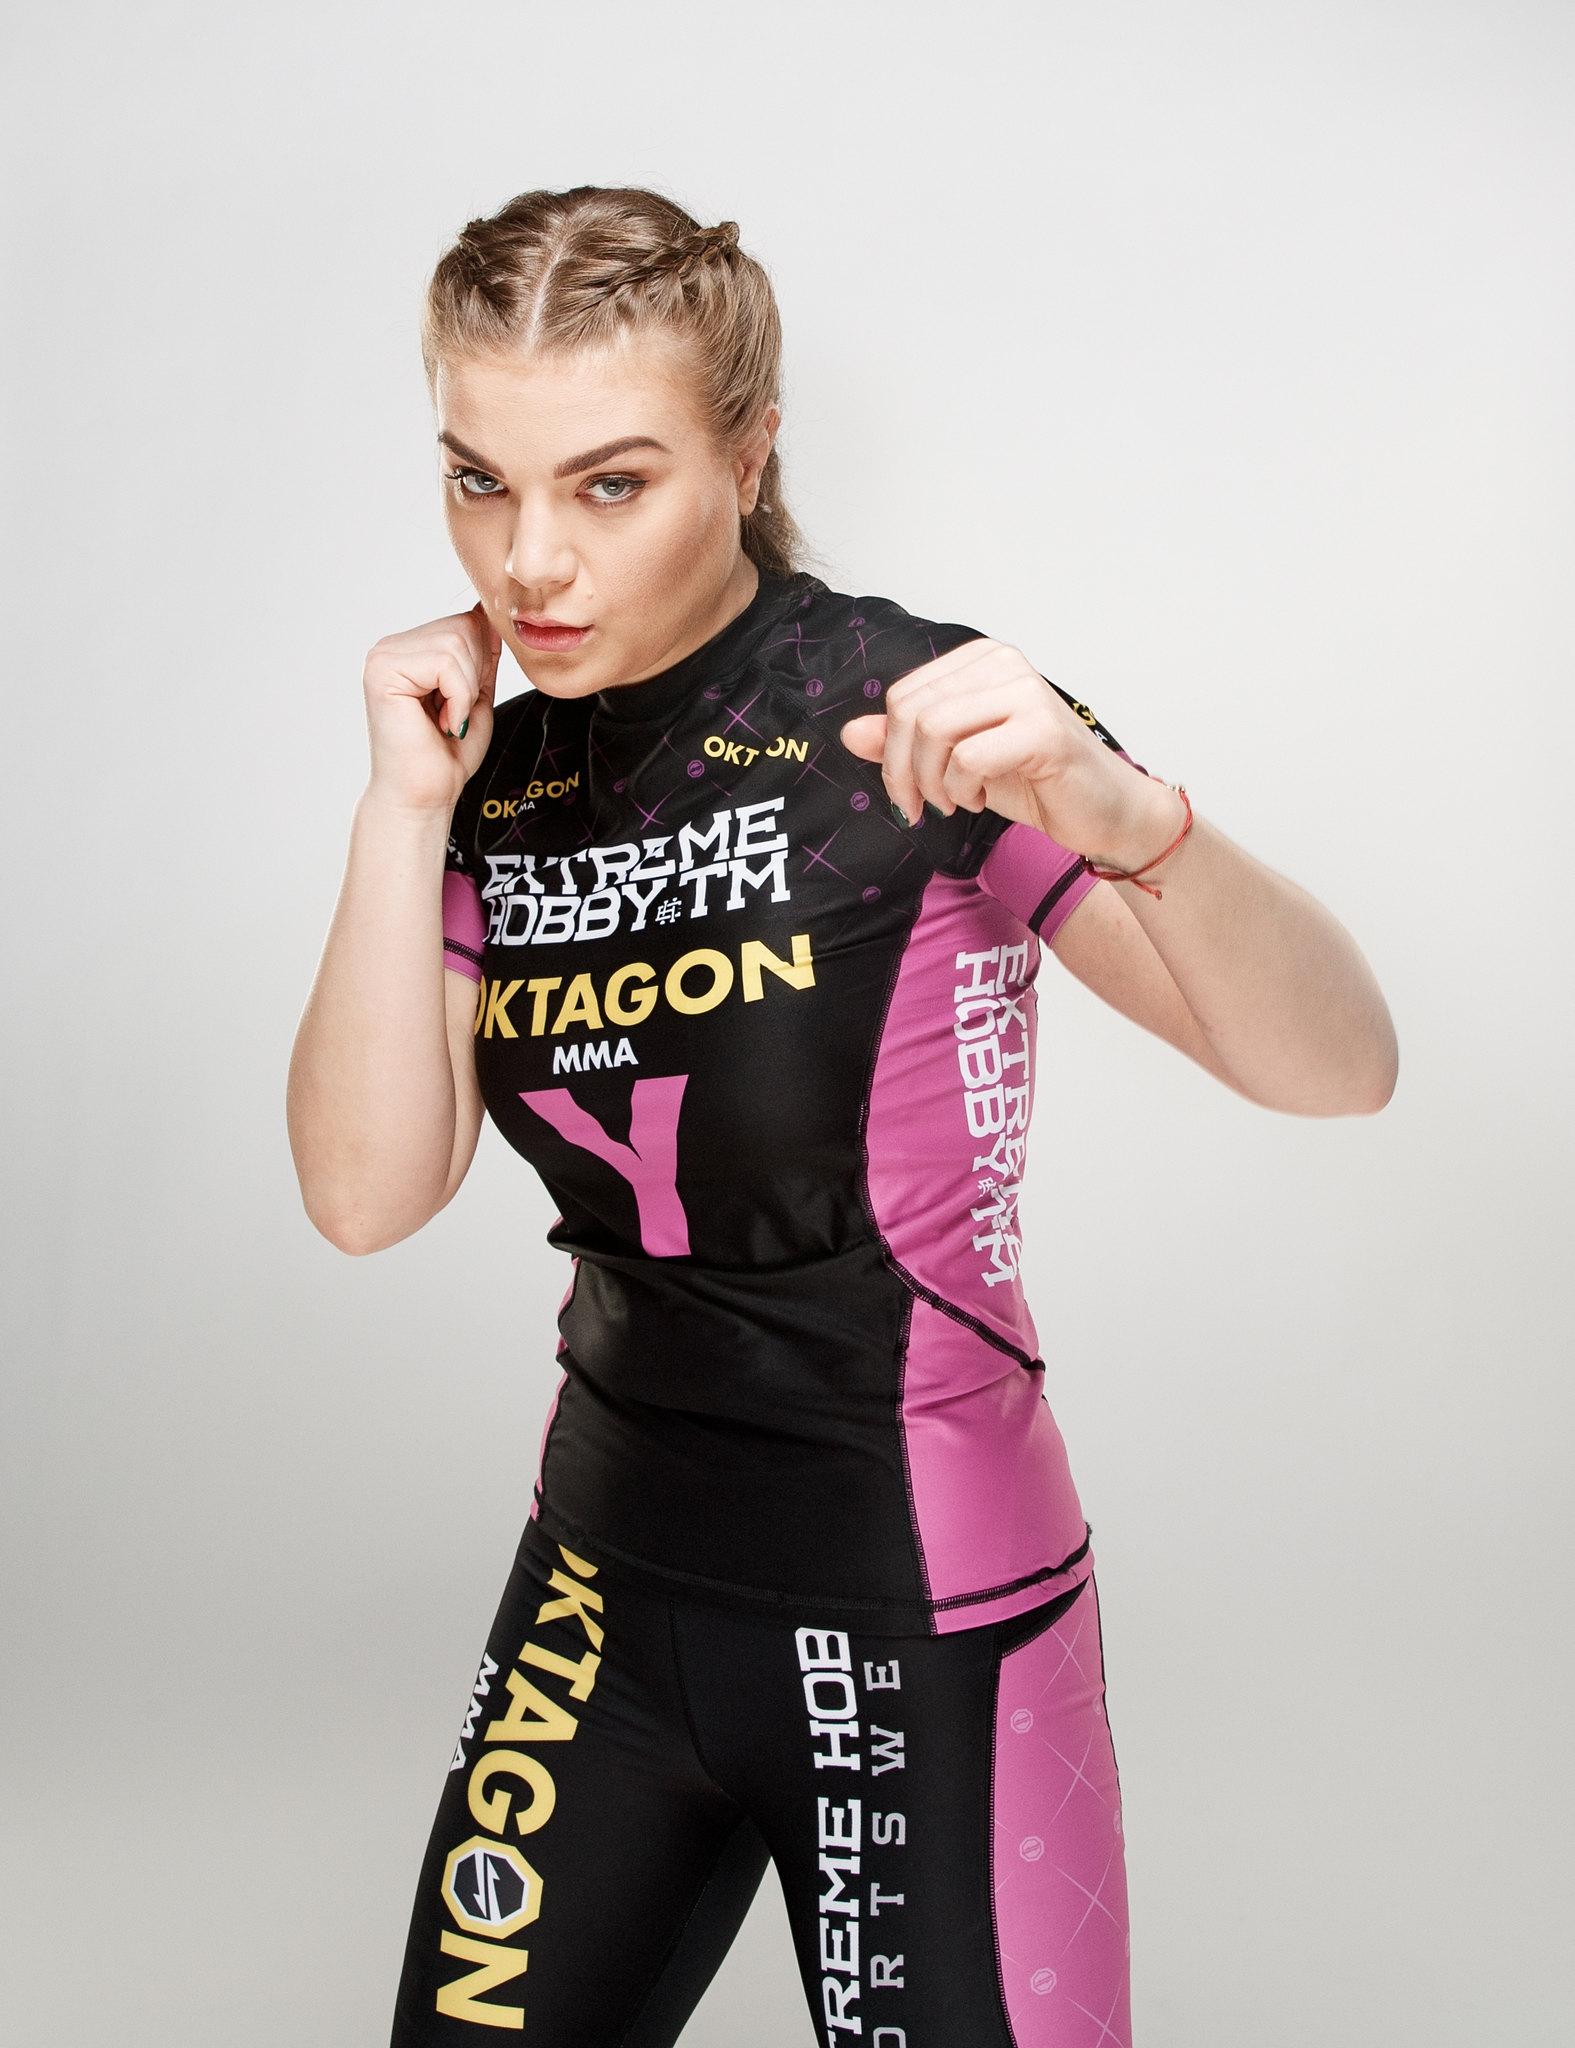 MMA OKTAGON, Petra Batthyanyová